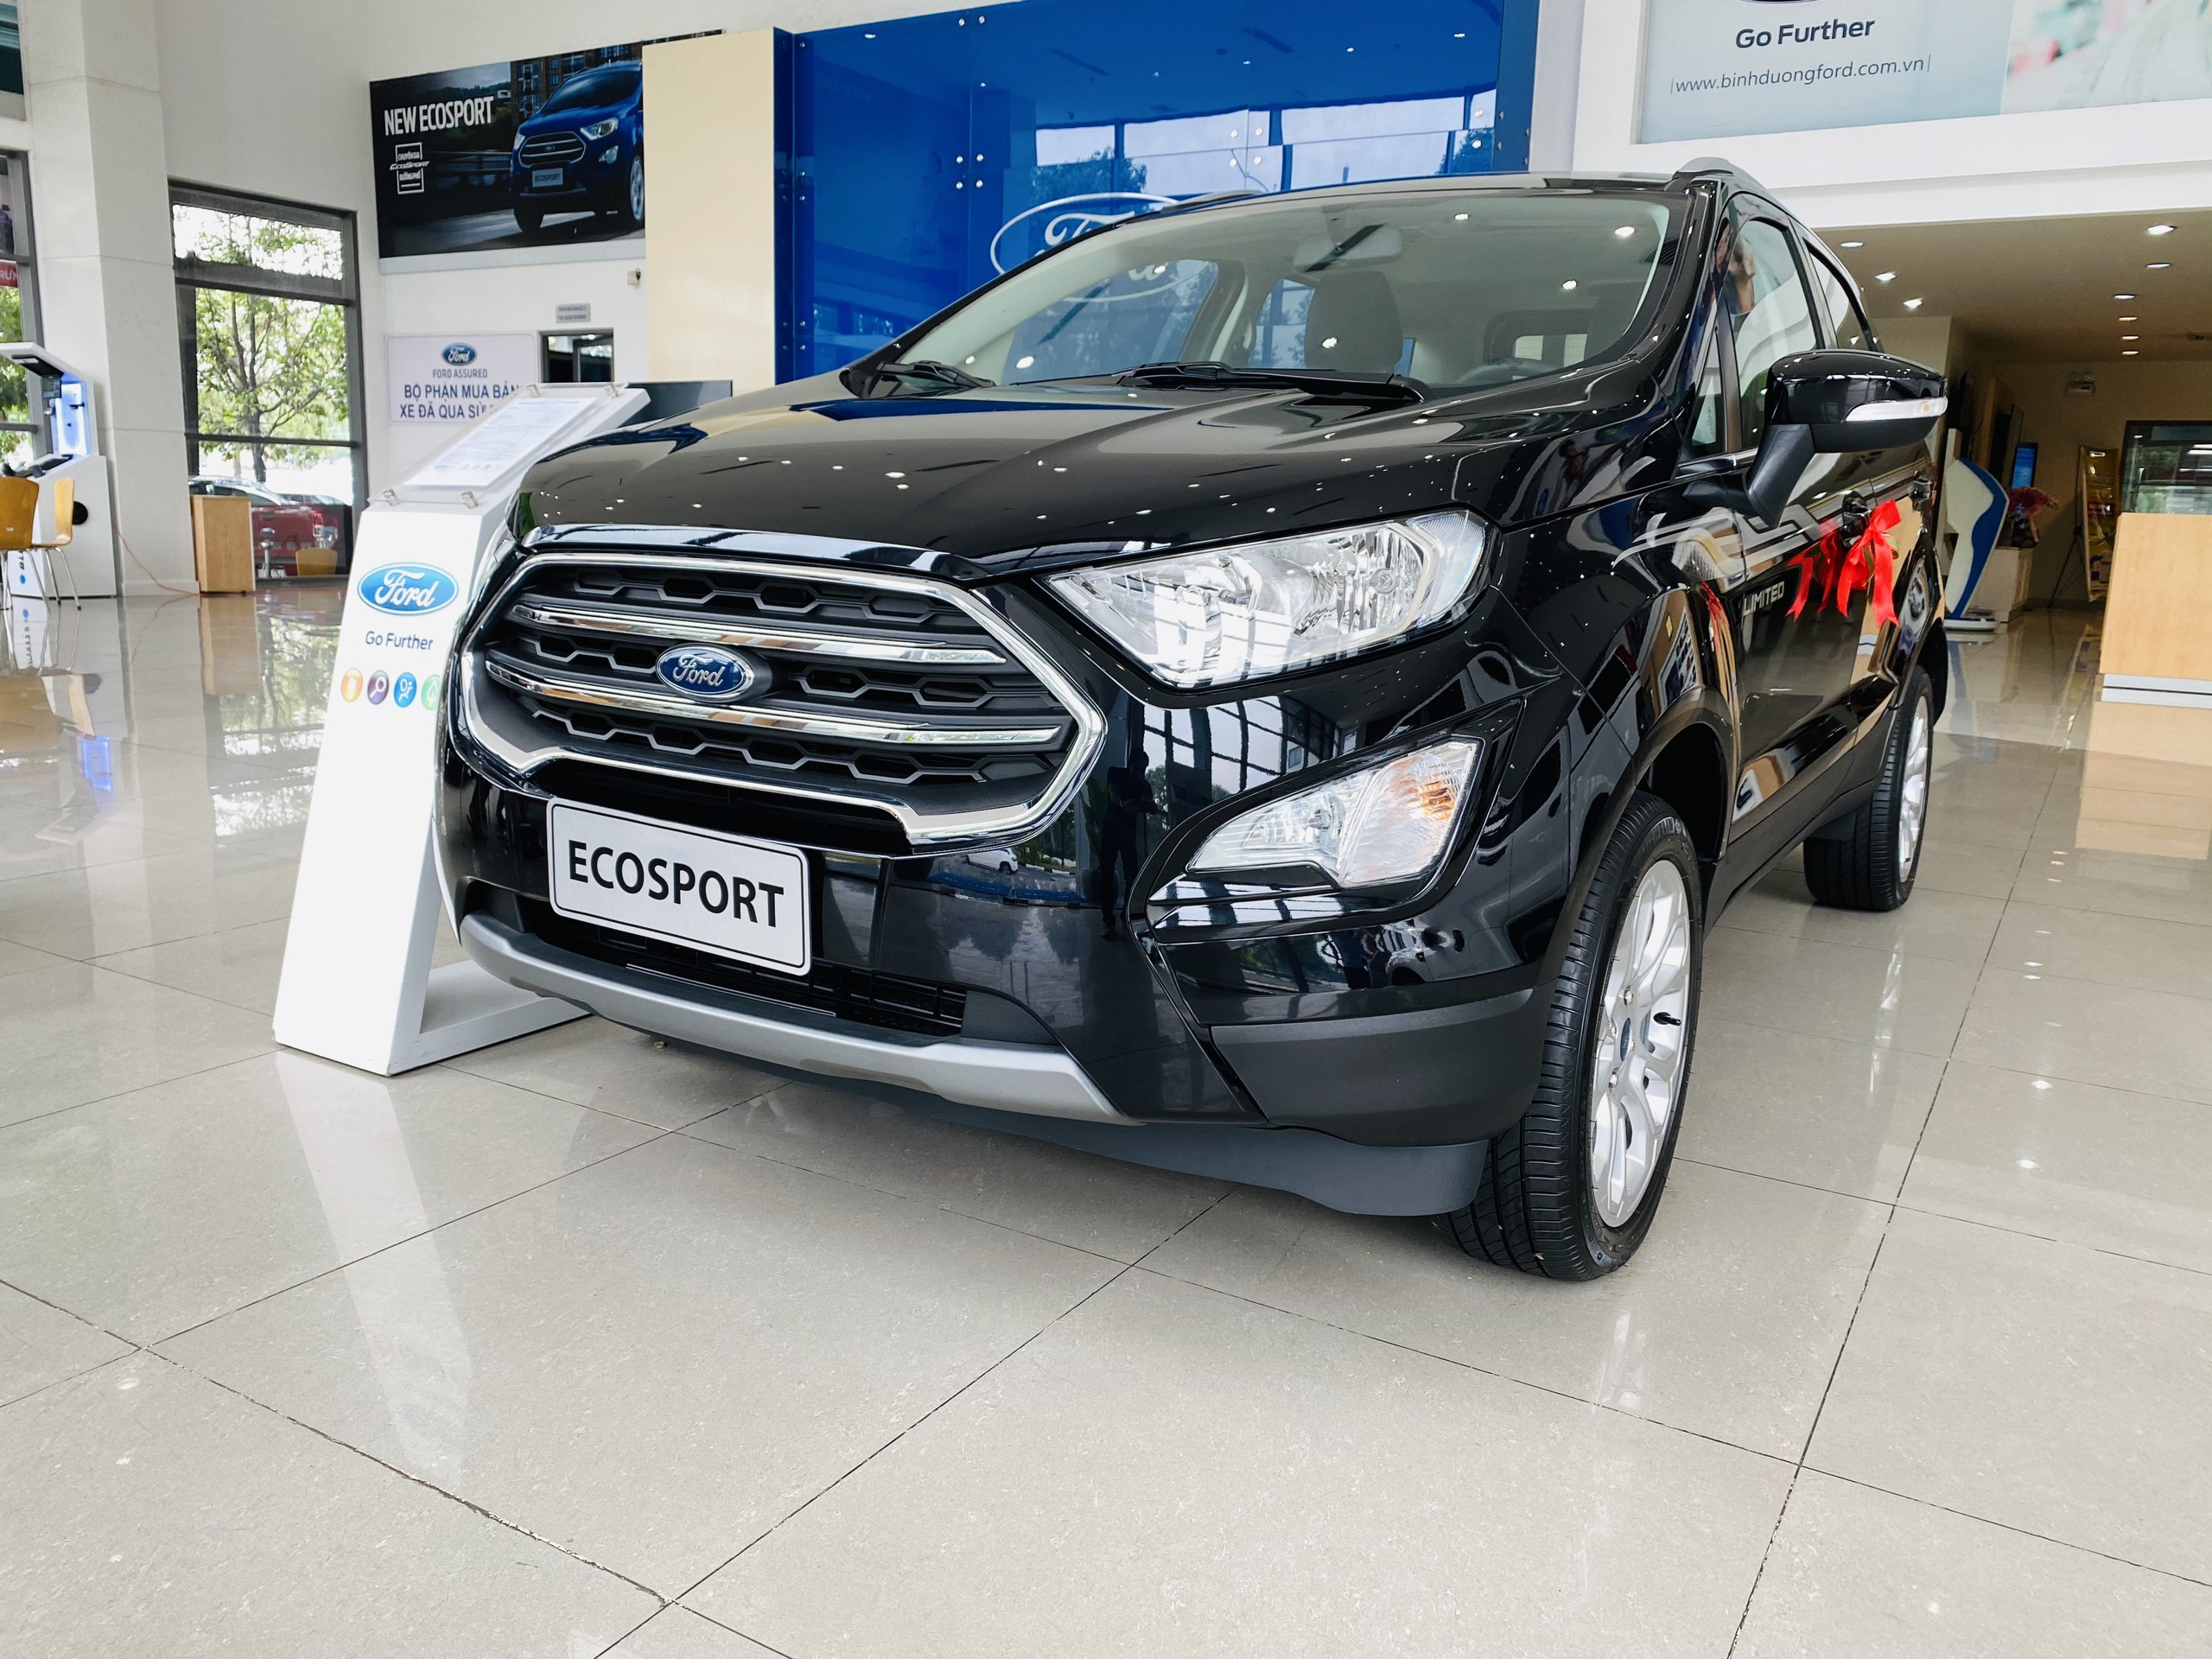 Ưu đãi cực sốc giá ford Ecosport 2020 rẻ bất ngờ